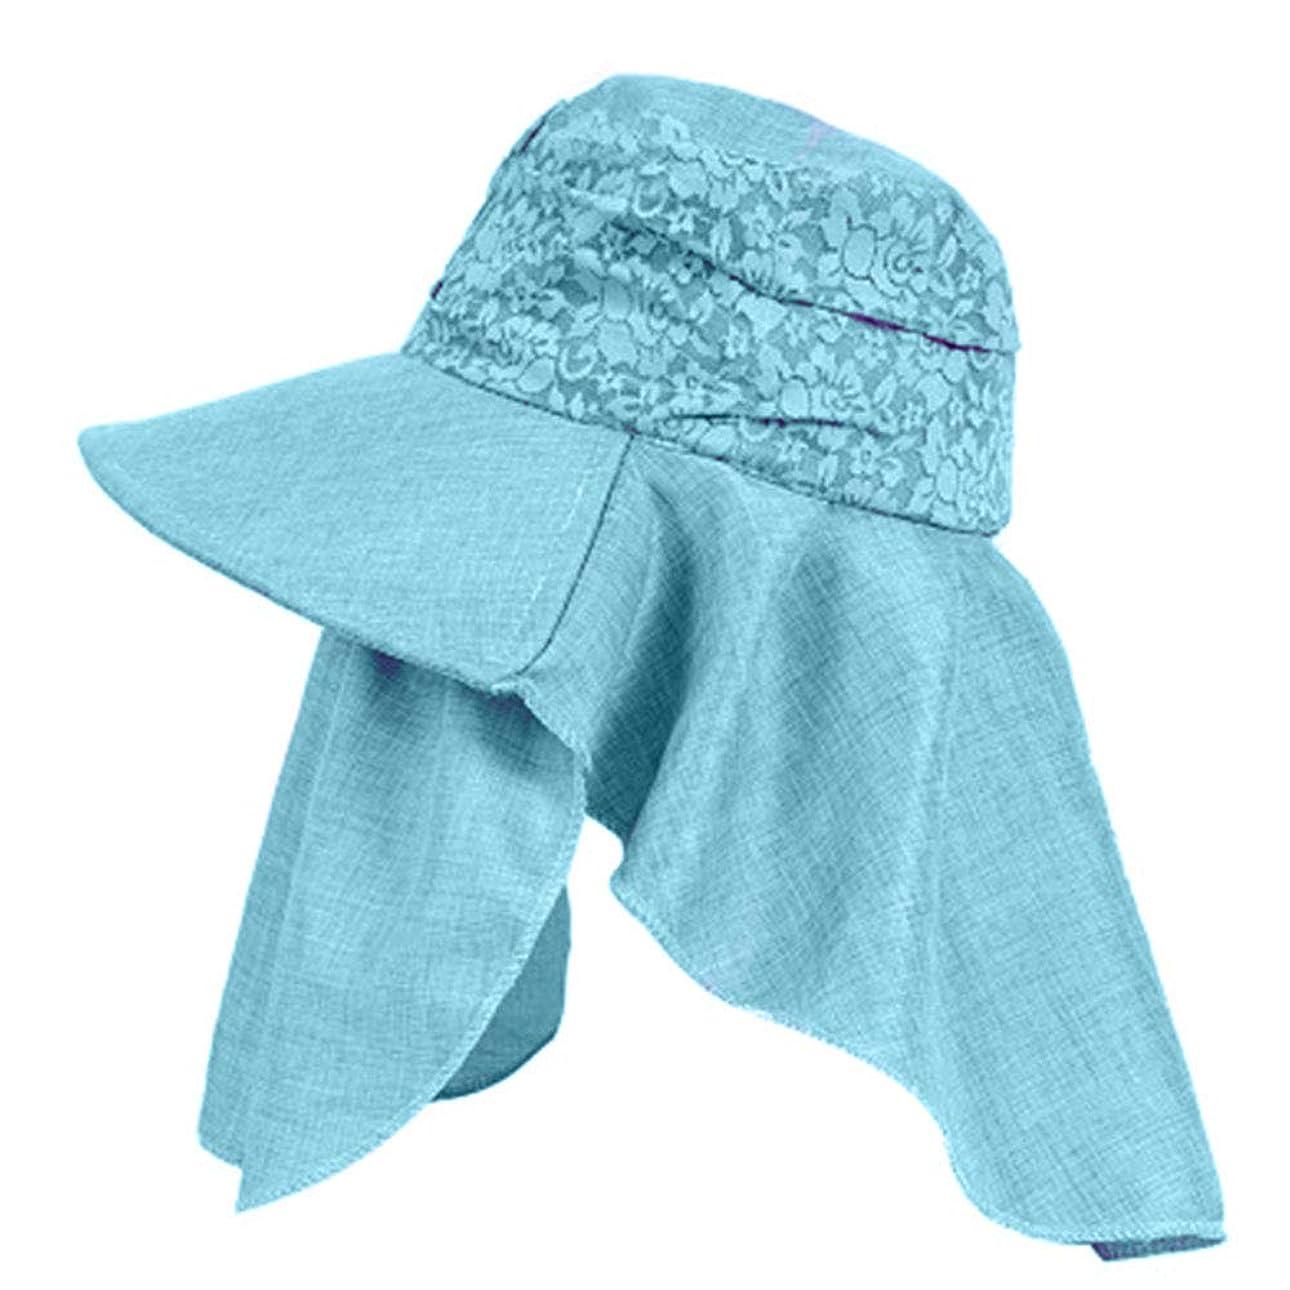 独立して識別退却Merssavo 女性の夏の日曜日の帽子、バイザーカバーの表面の反紫色のライン旅行日曜日の帽子、ガーデニング、ハイキング、旅行、1#